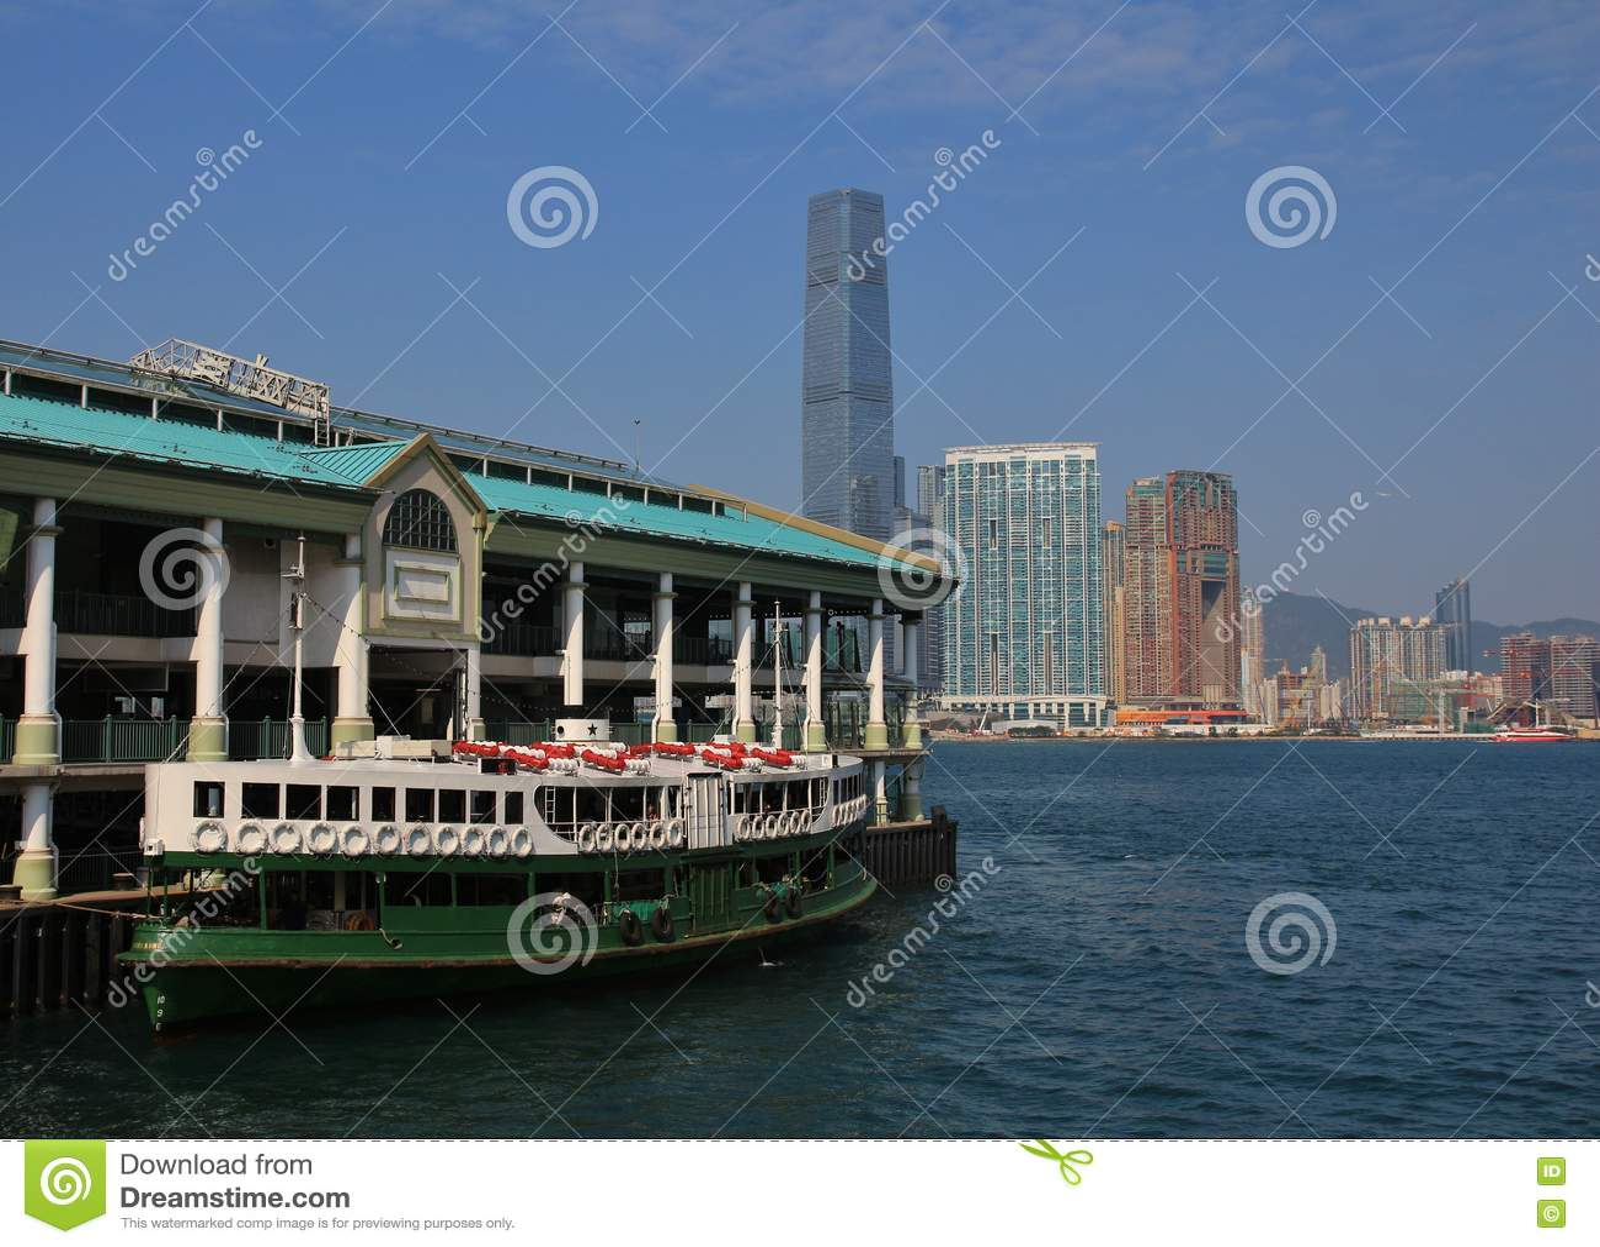 Schöne alte Fähre in Hong Kong